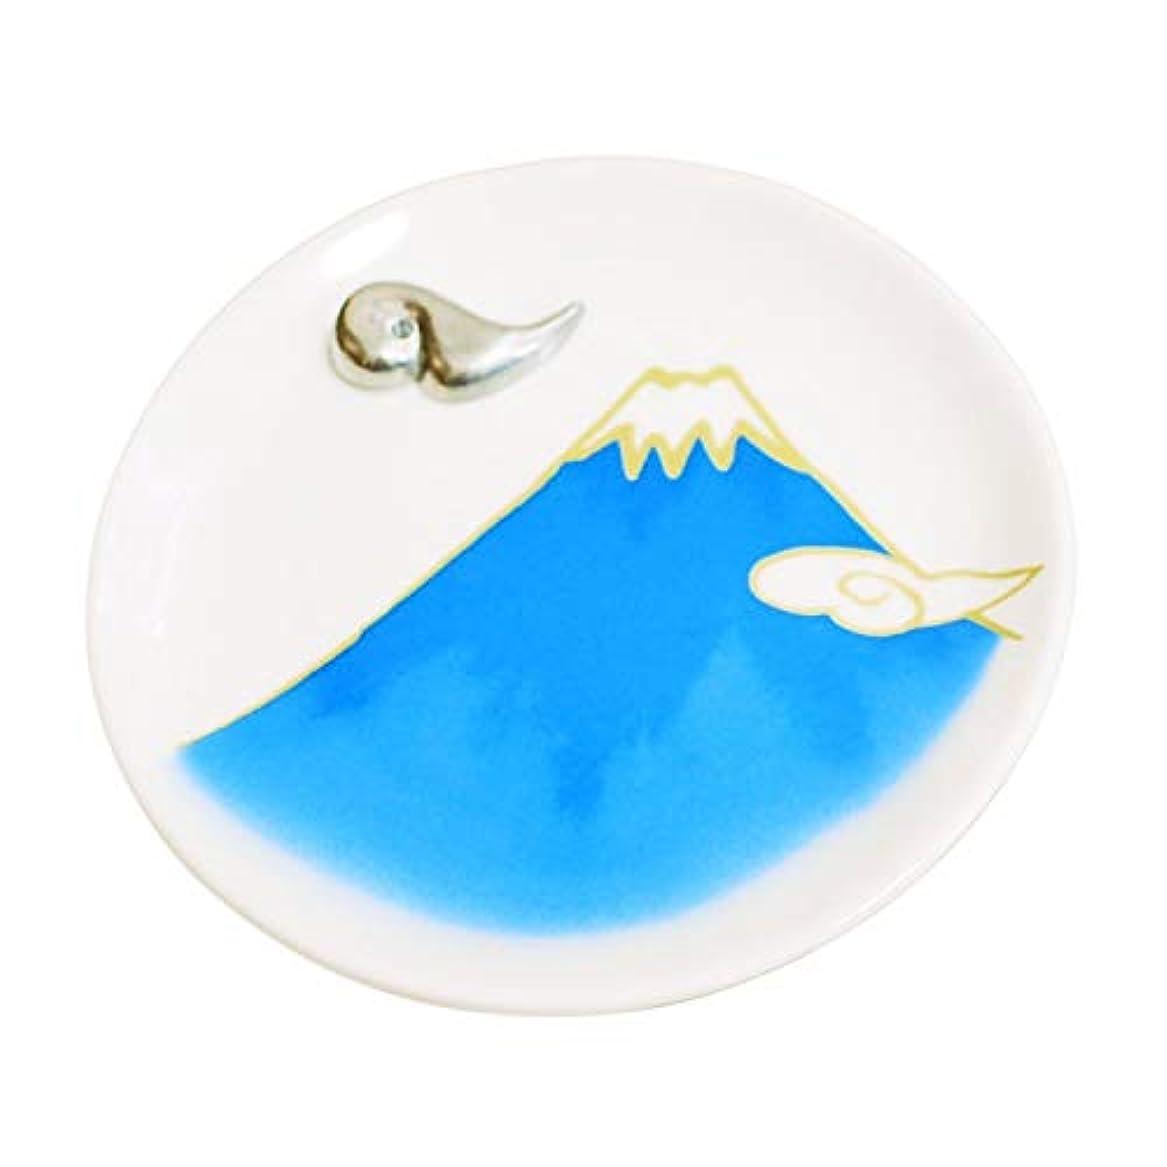 密輸放棄するアウトドア香皿 富士山 ブルー 雲型香立て付 青富士 香立 お線香立て Cセット